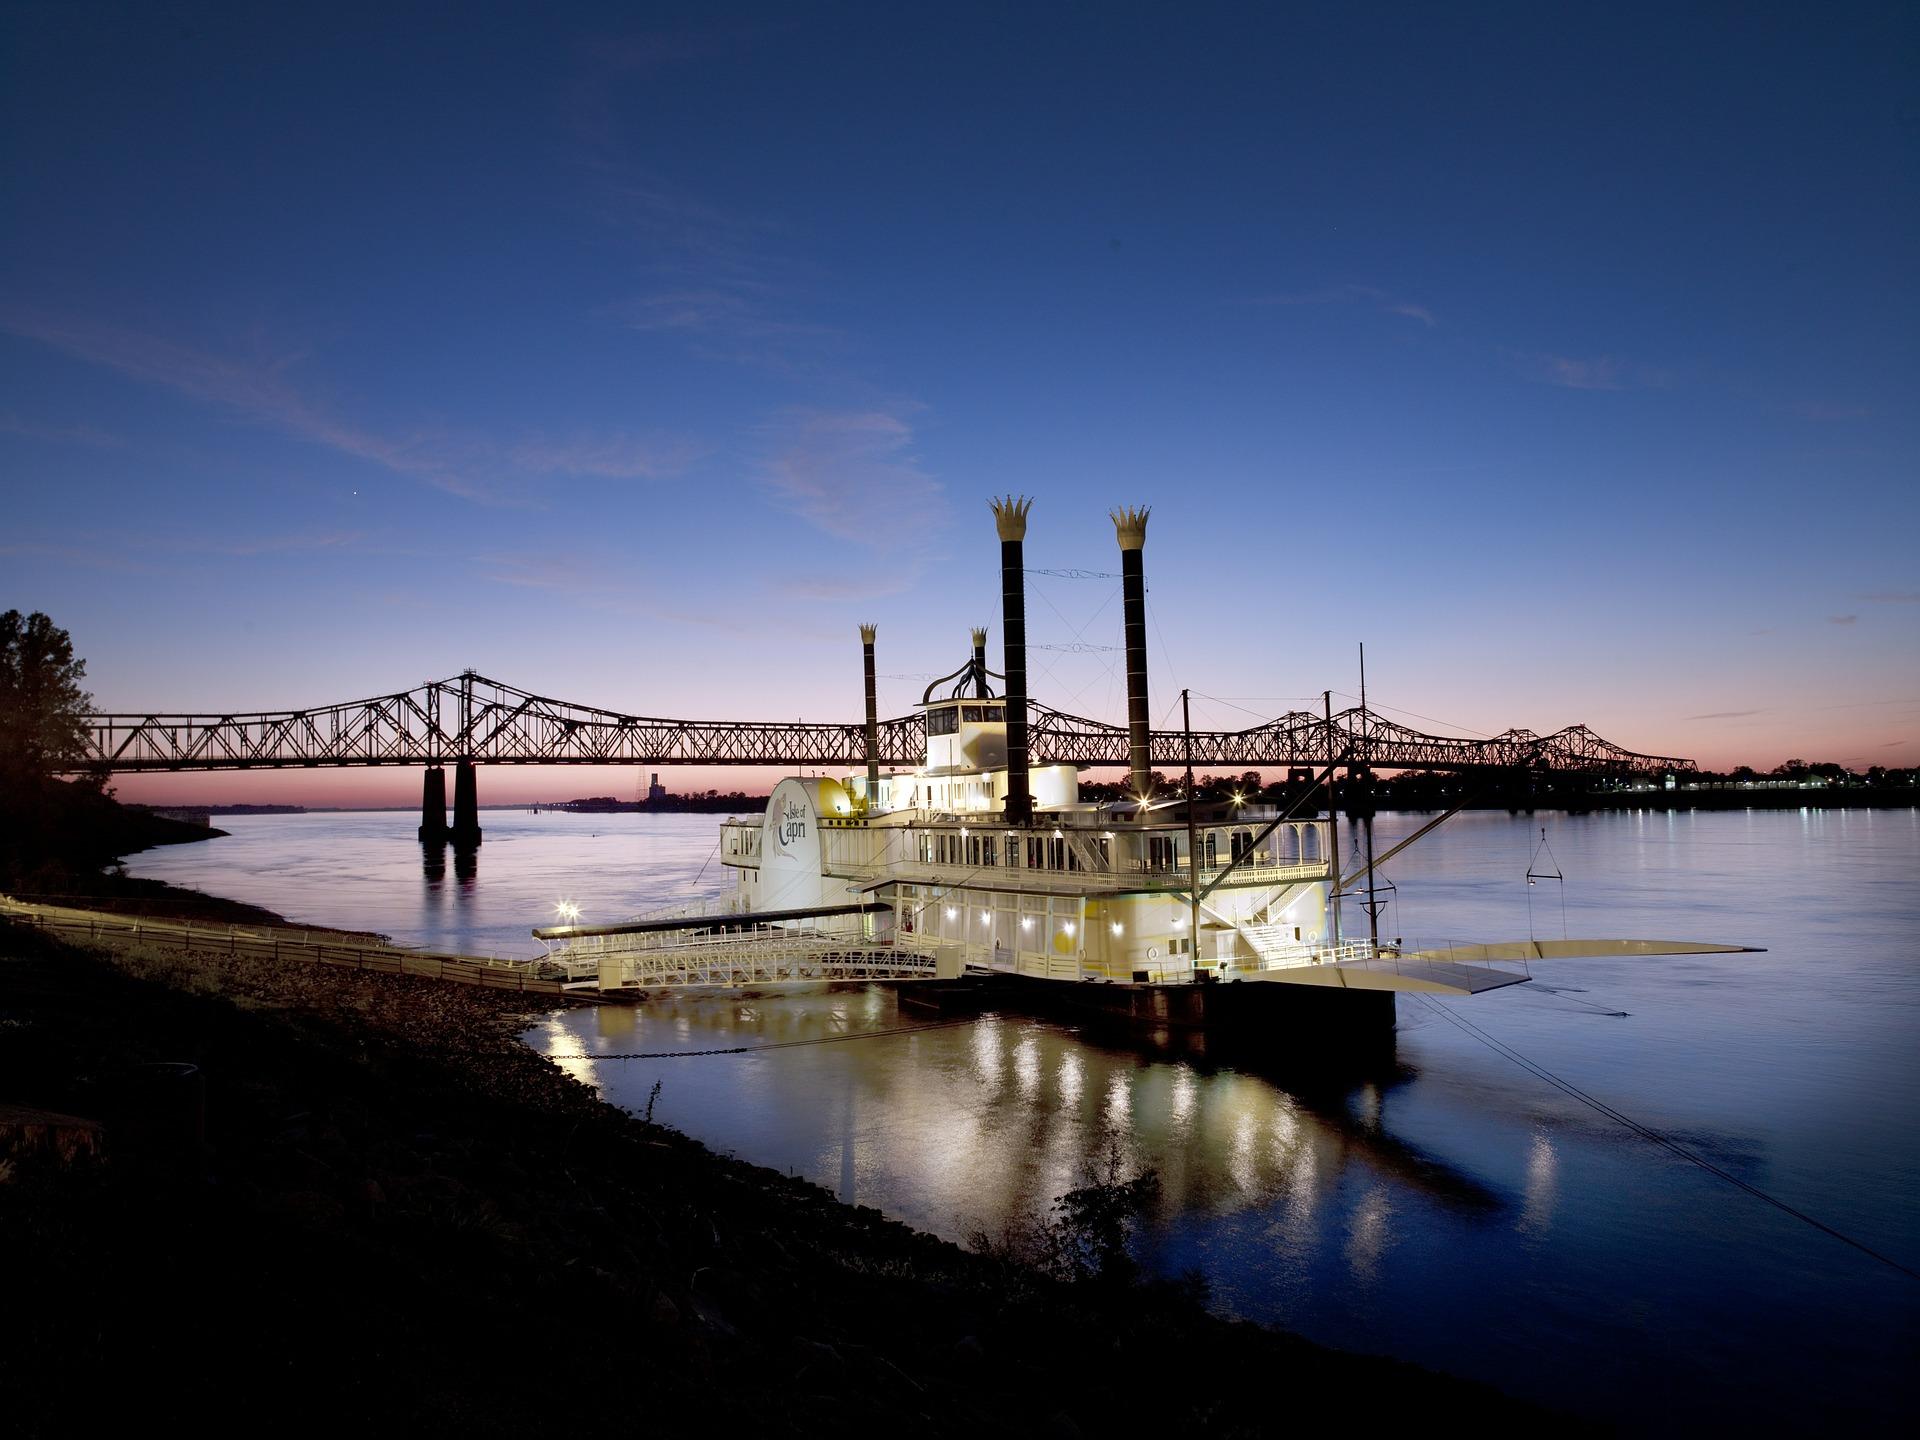 bateau naviguant sur le Mississippi la nuit